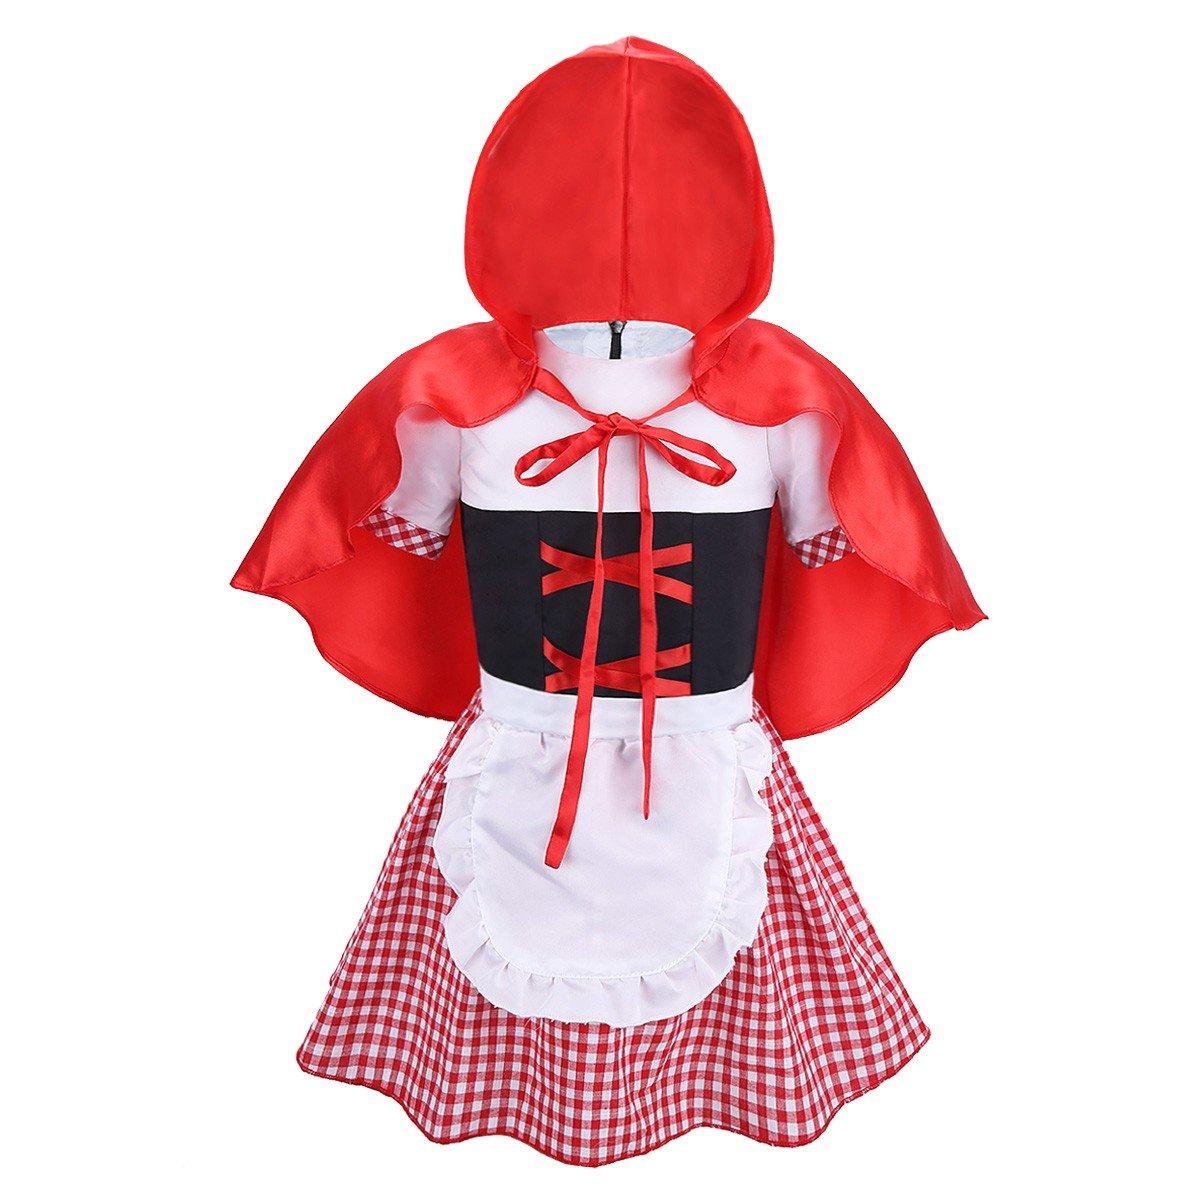 Tiaobug Baby Kostüm Mädchen Halloween Rotkäppchen Kleid Kleinkind Märchen Kostüme zu Karneval Fasching 74 80 86 92 98 104 110